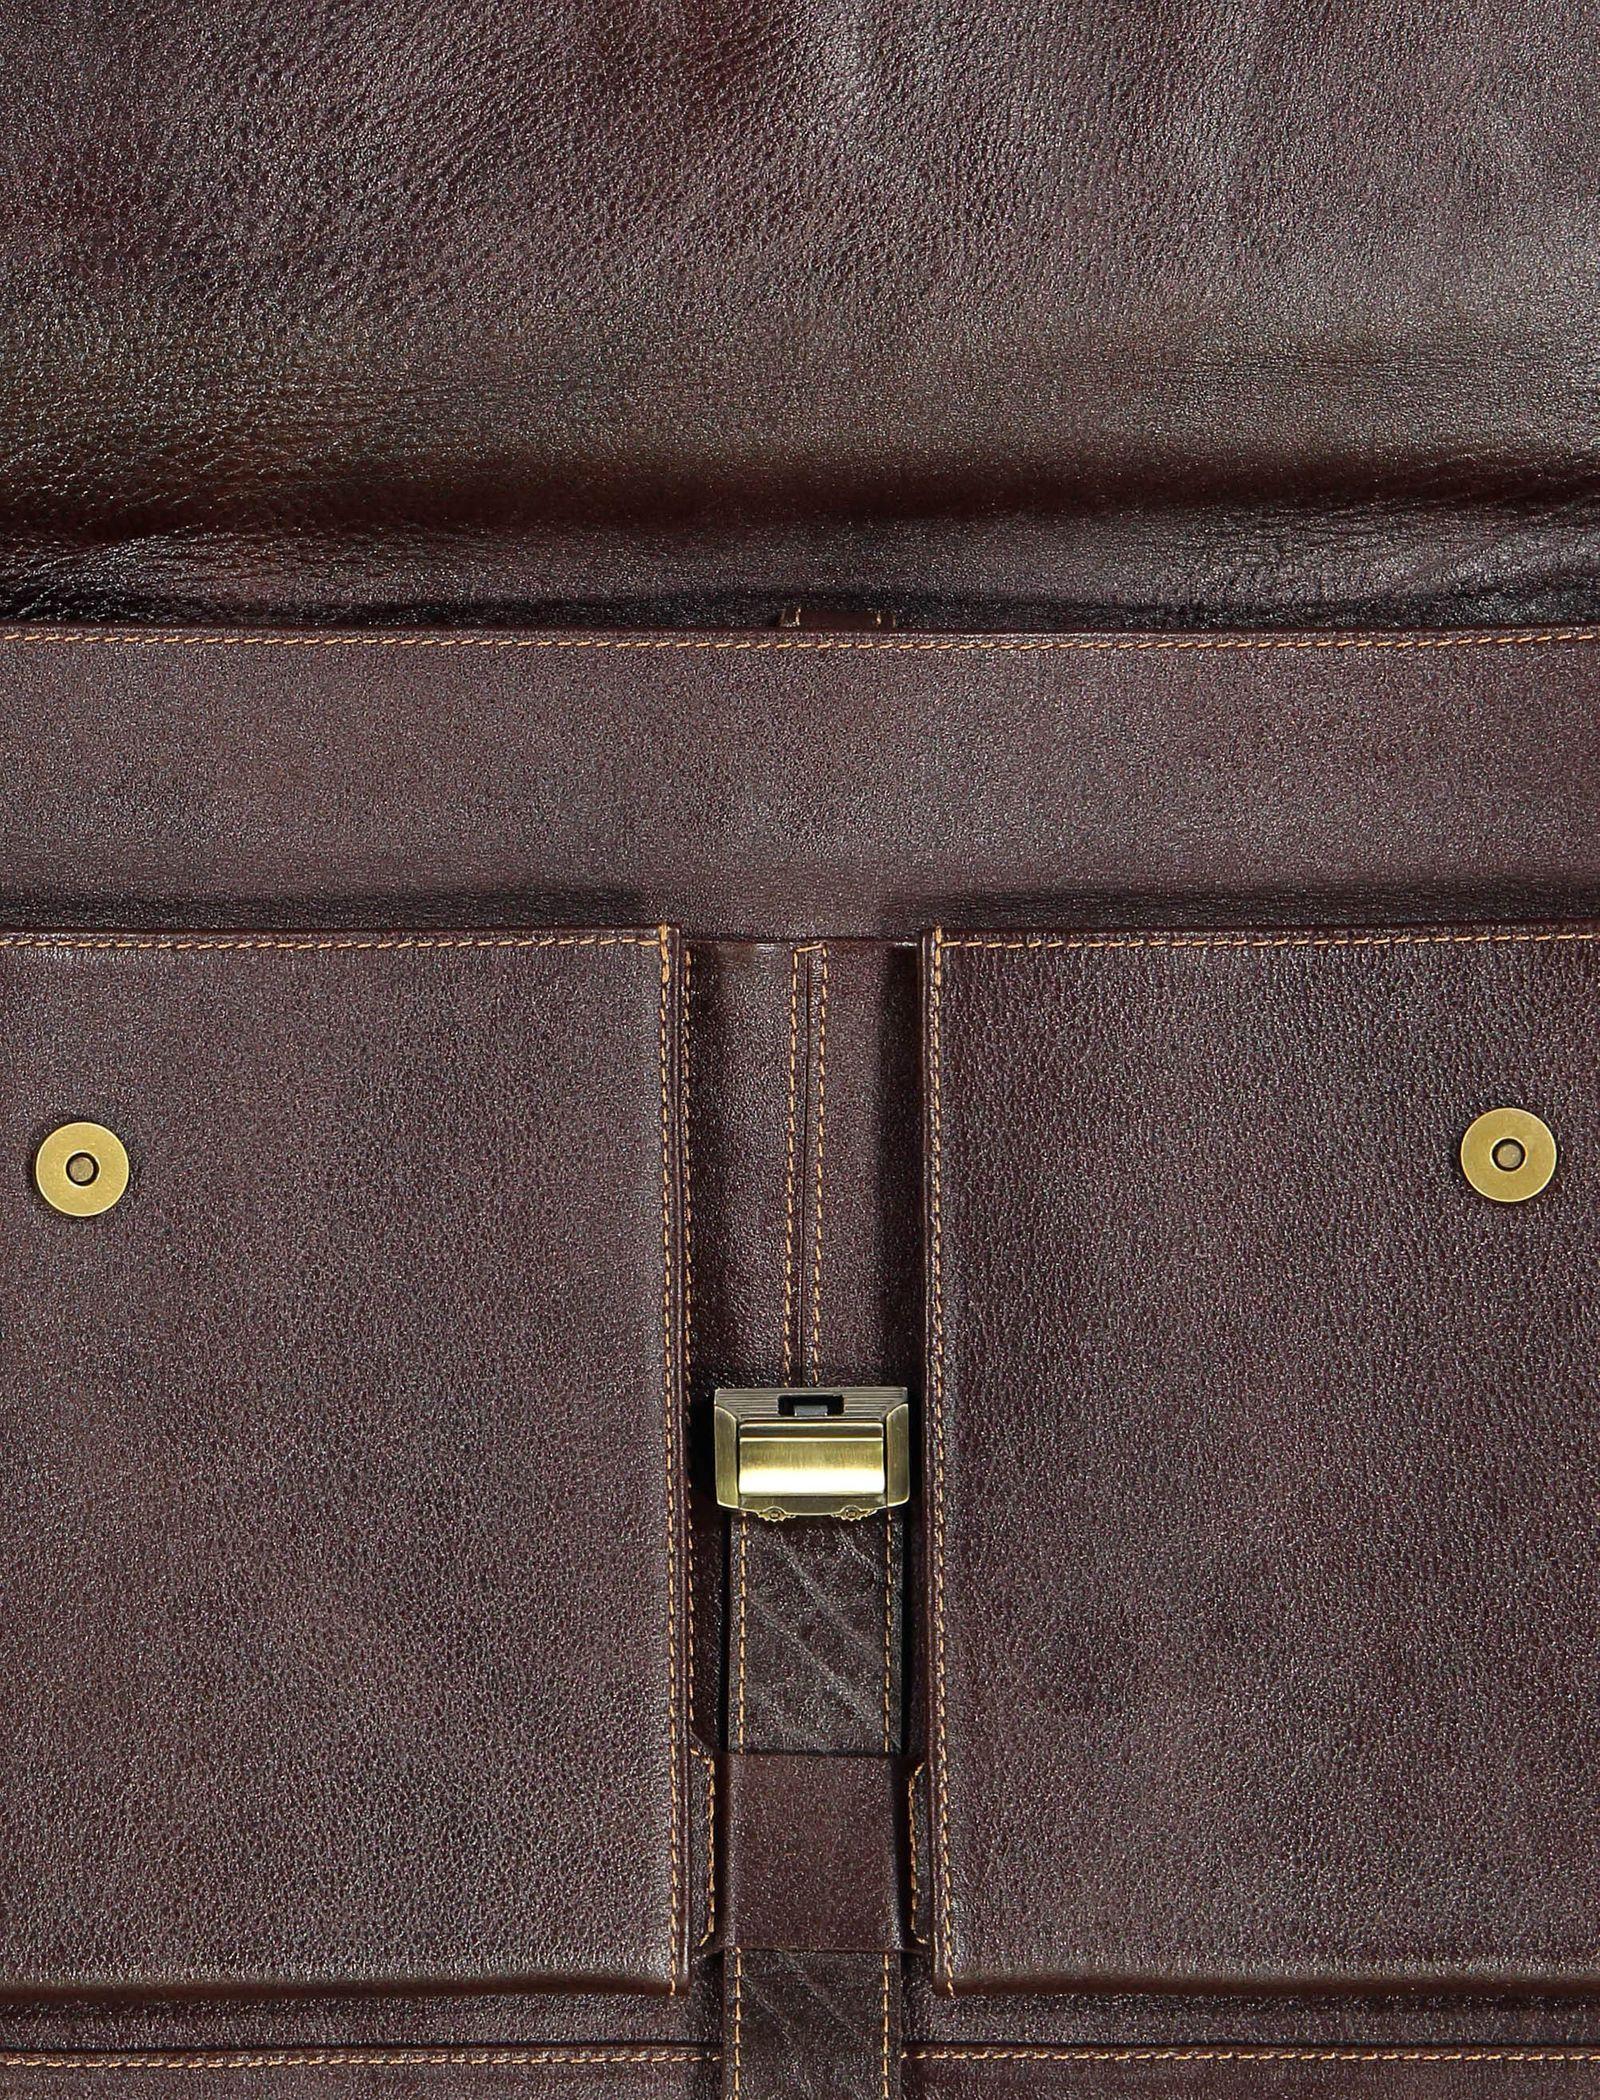 کیف دستی چرم بزرگسال - شهر چرم - قهوه اي  - 7